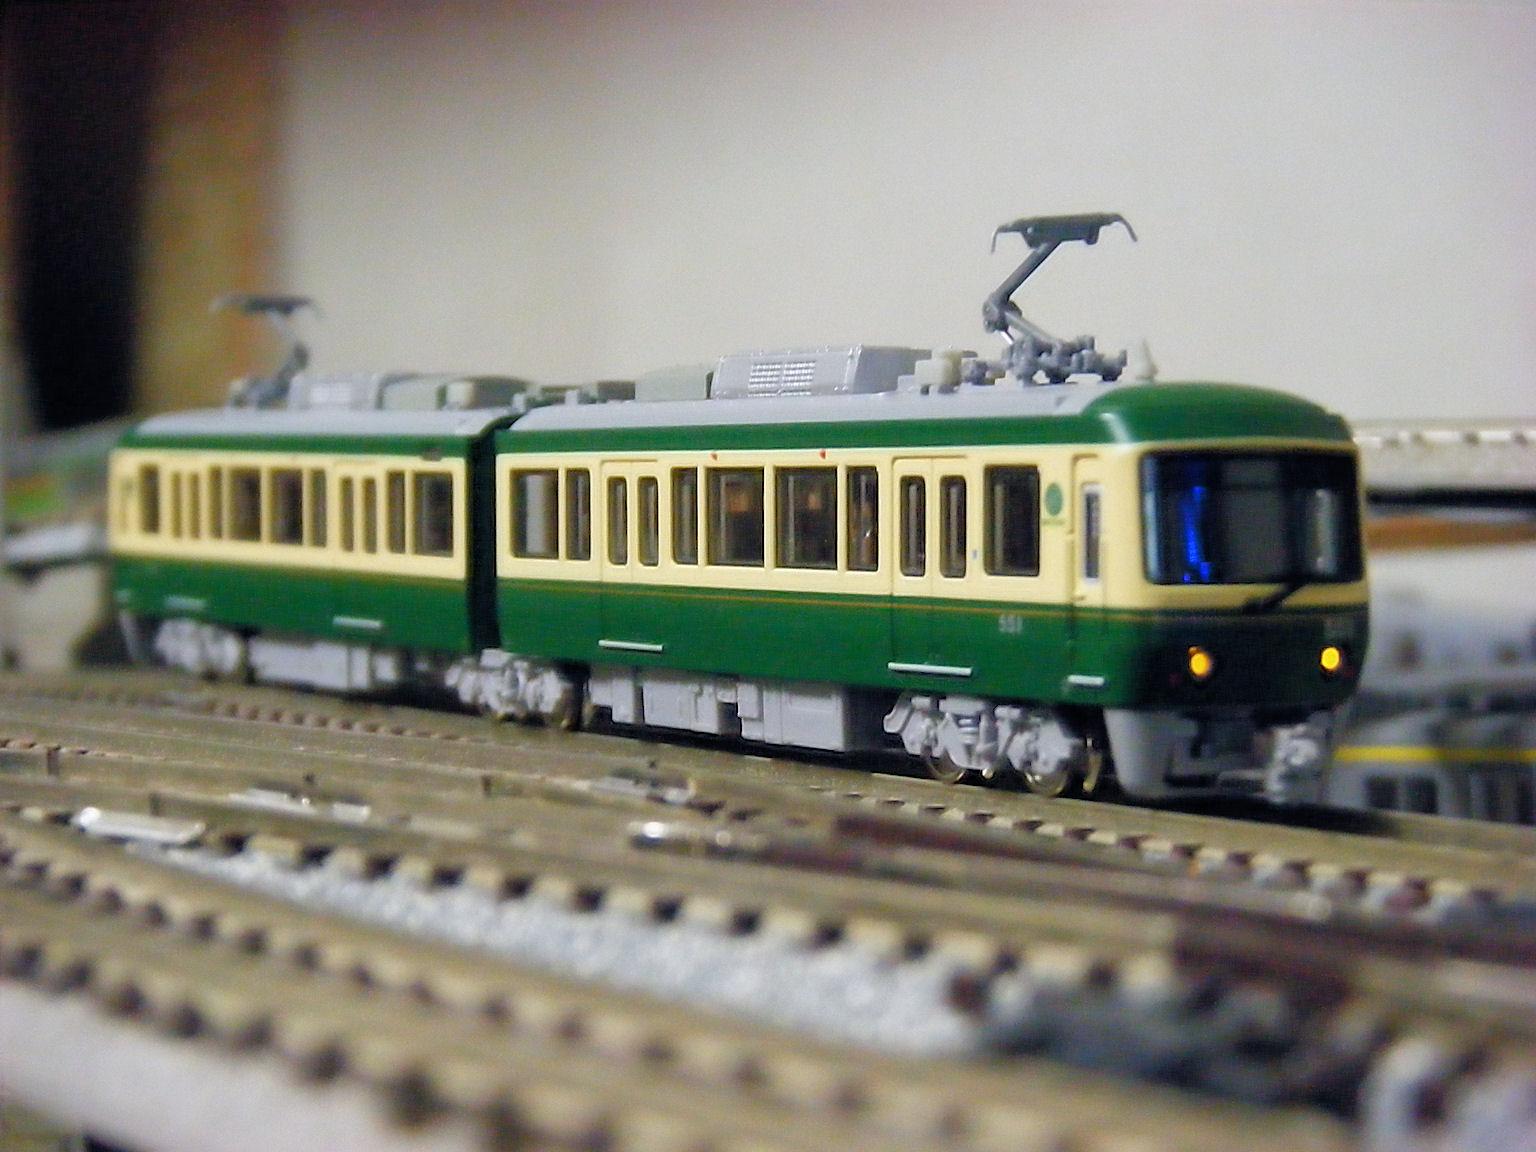 Dscf2360